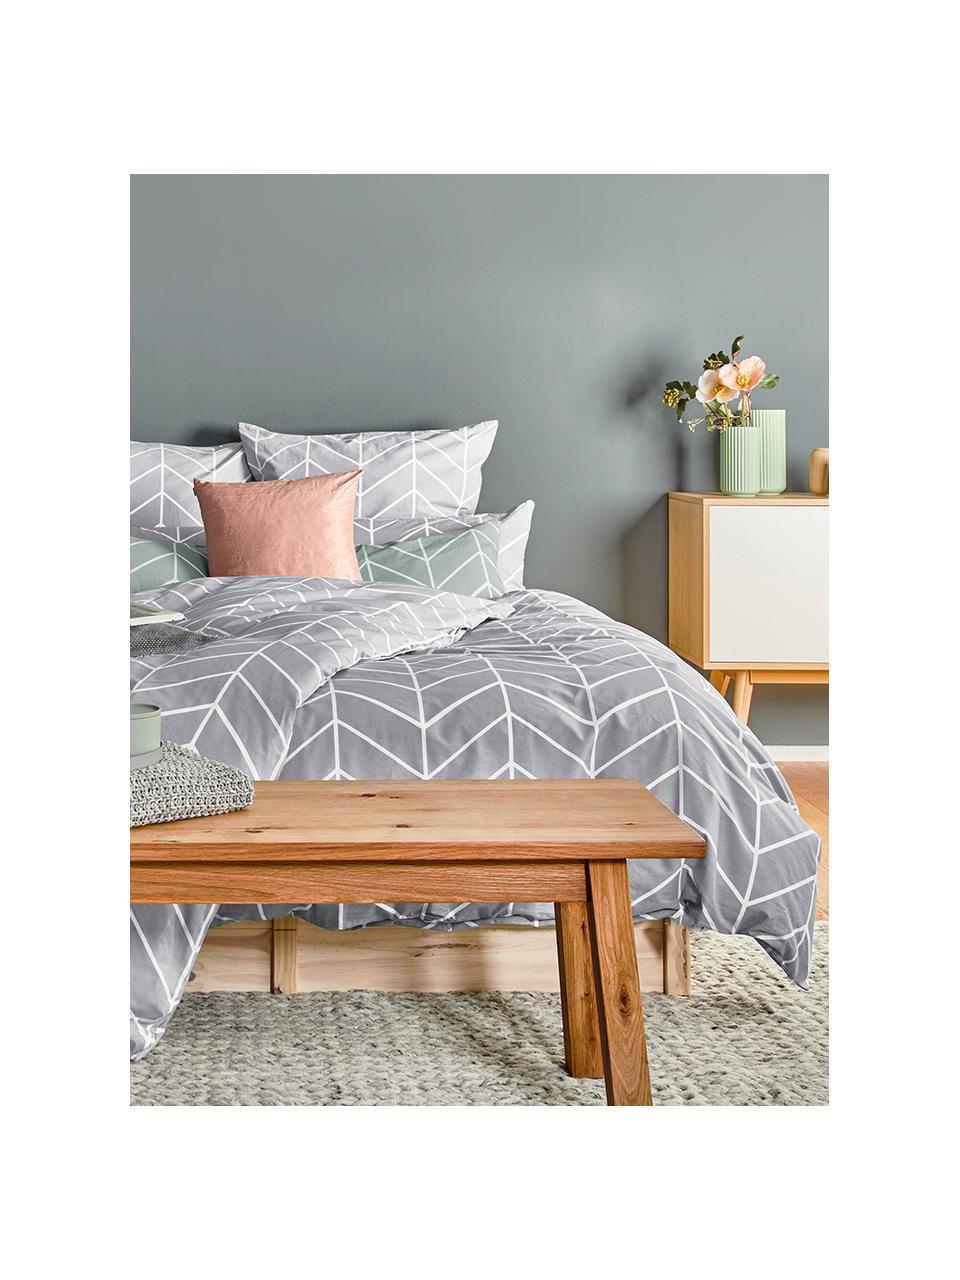 Pościel z bawełny Mirja, Szary, kremowobiały, 135 x 200 cm + 1 poduszka 80 x 80 cm